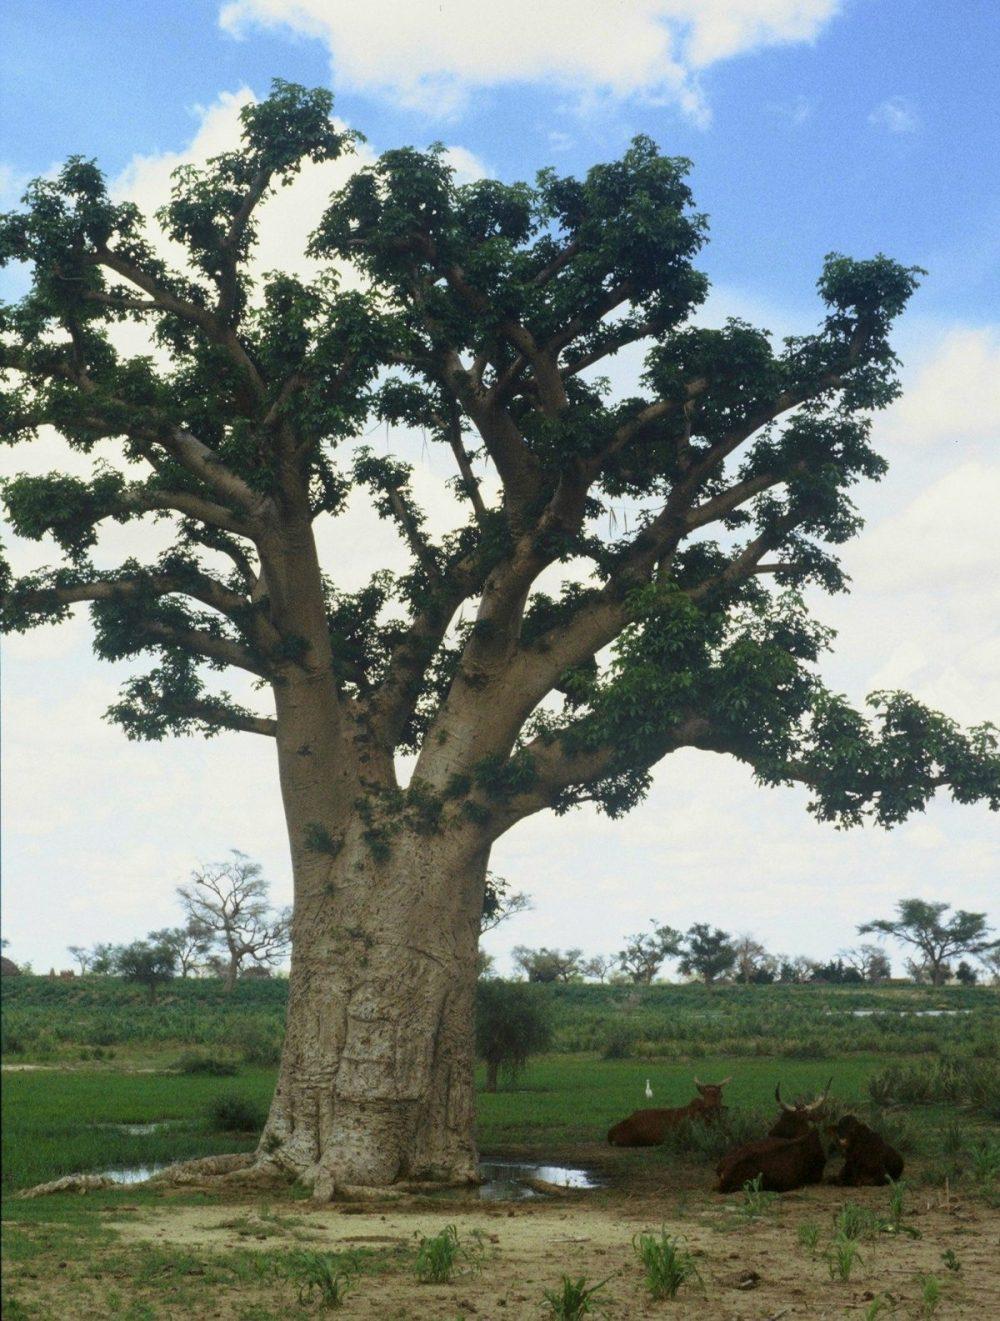 BENIN : Niger Border